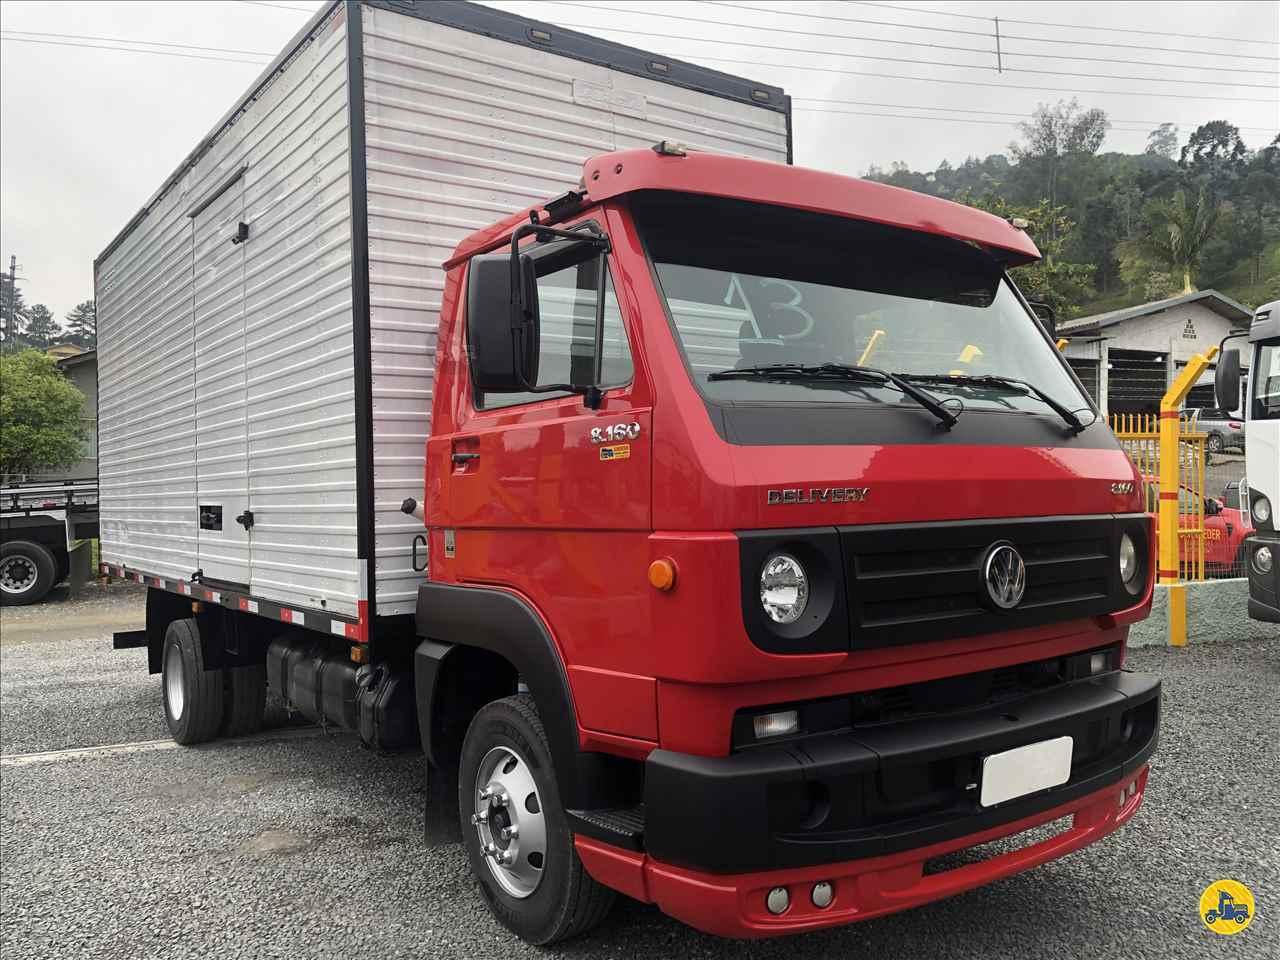 VW 8160 de Schroeder Caminhões - ITUPORANGA/SC